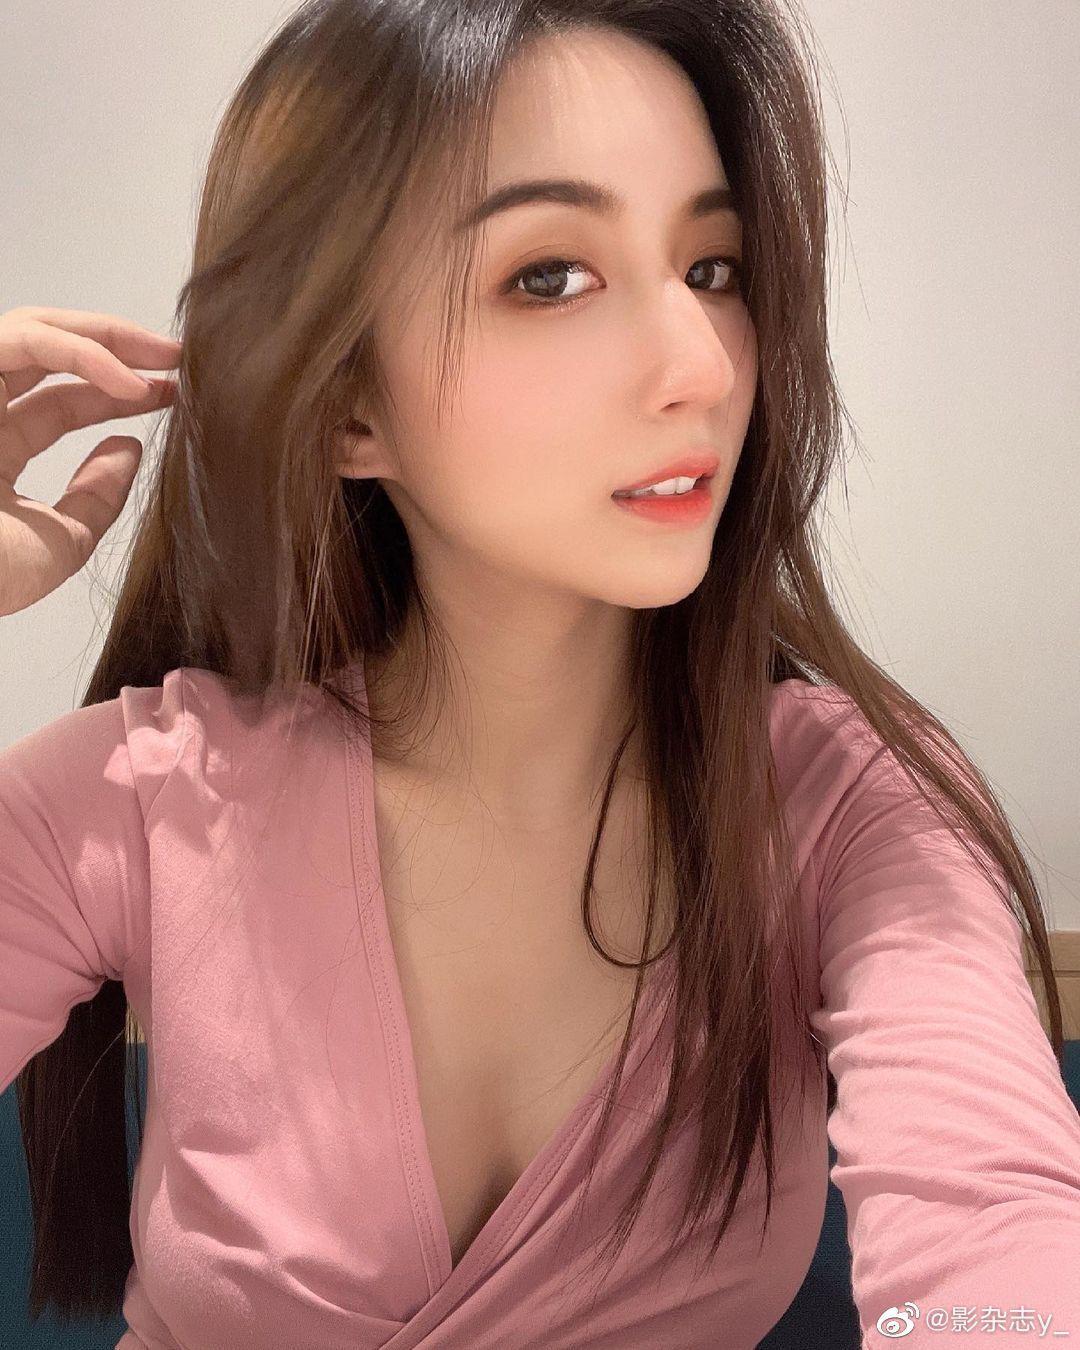 張淑敏-觅爱图